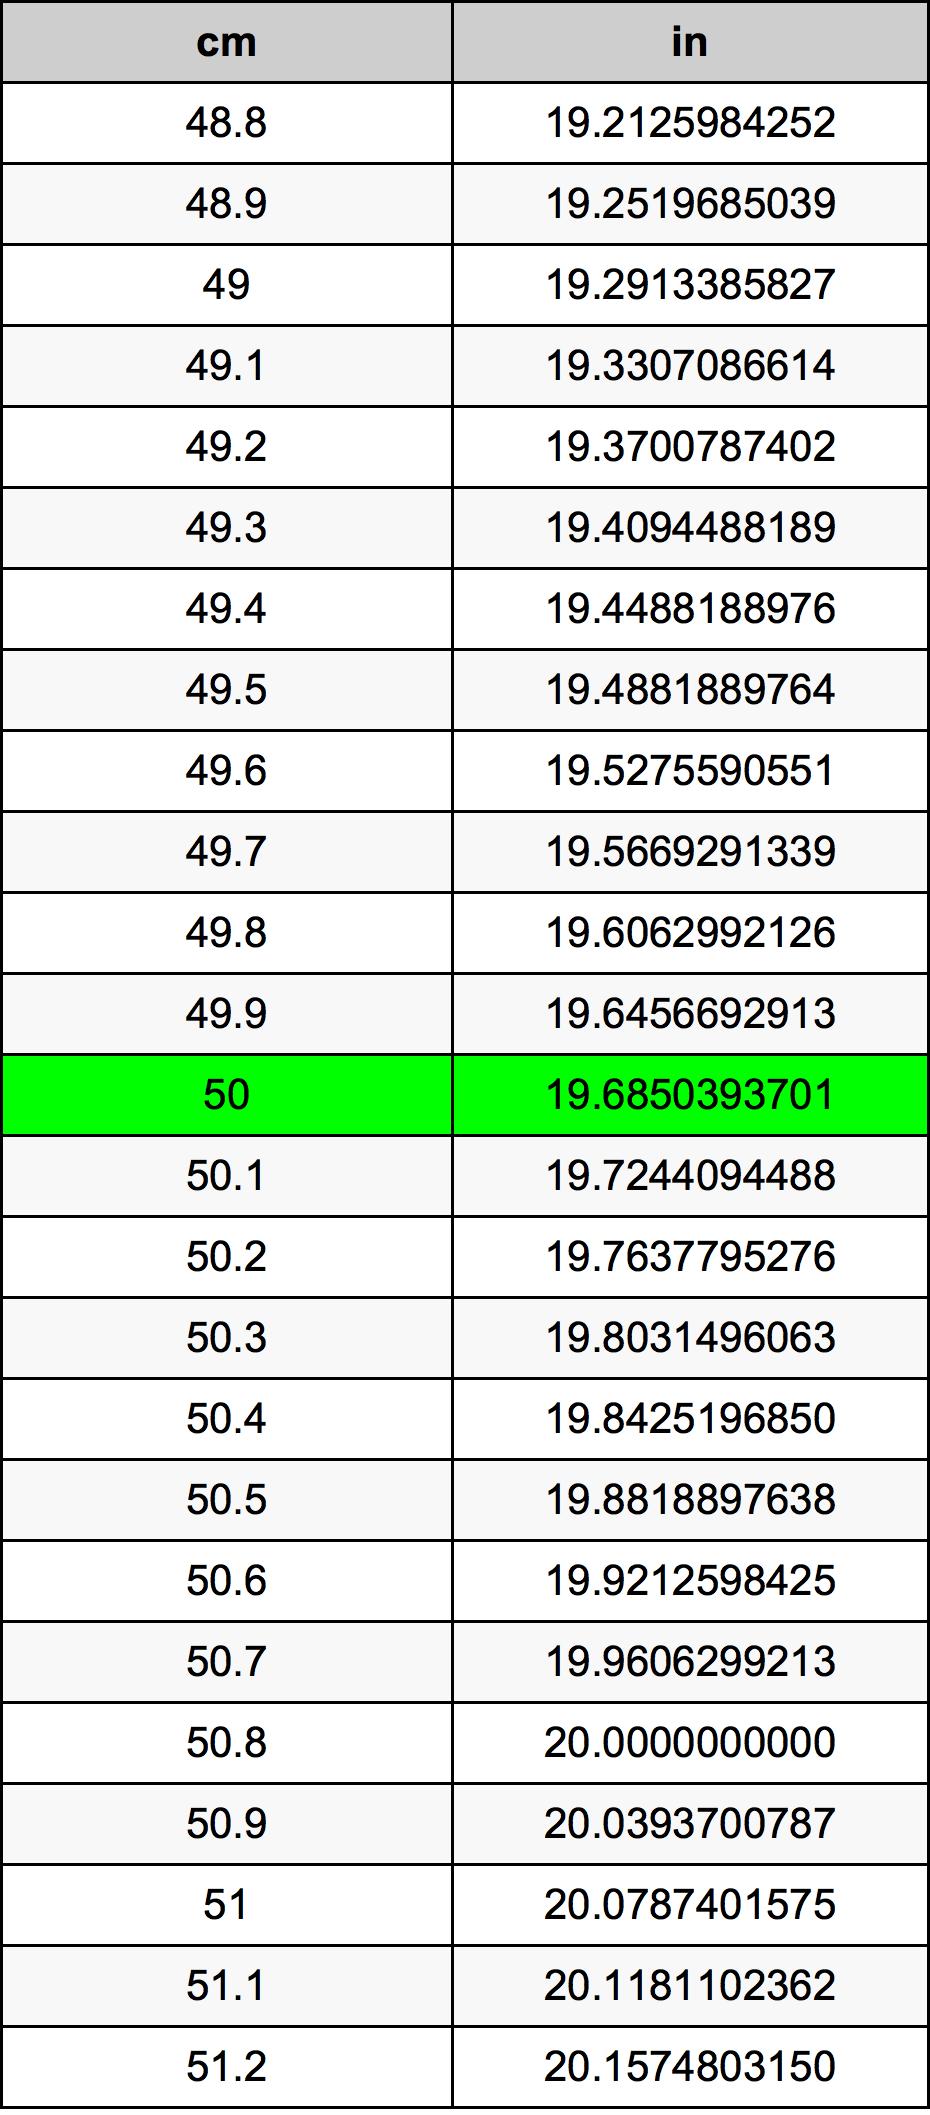 50 Centimetru tabelul de conversie